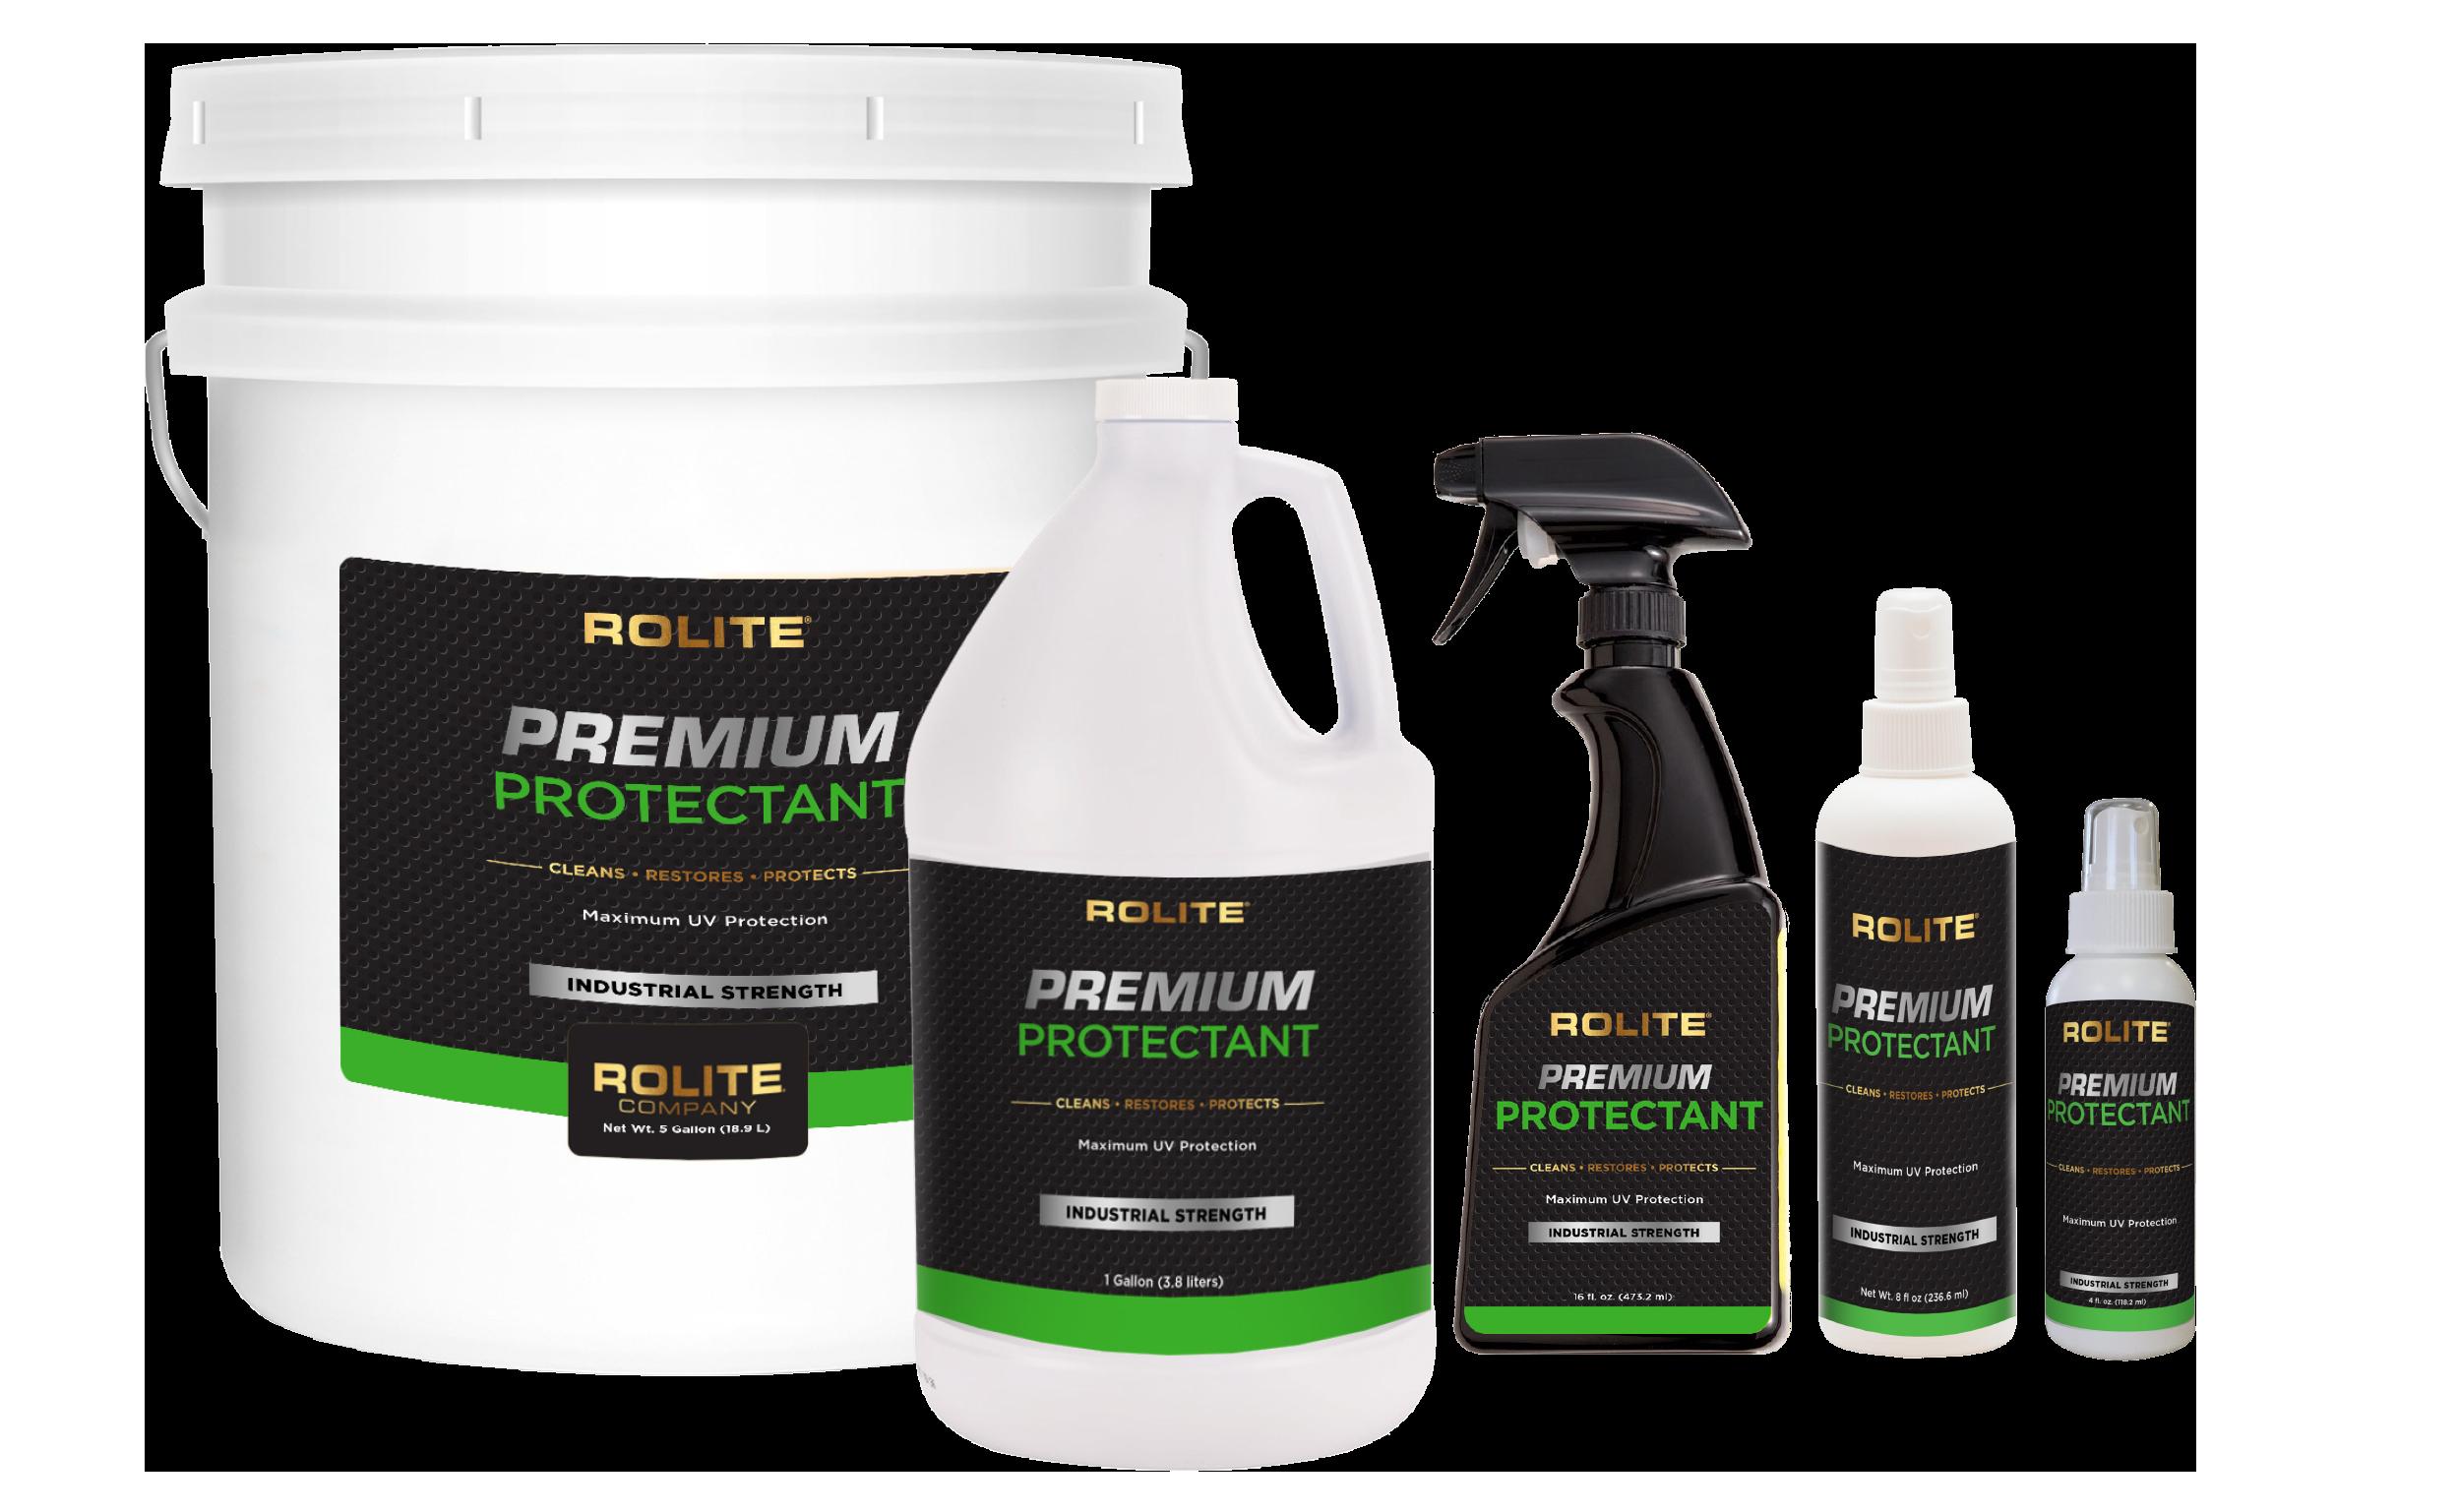 Rolite Premium Protectant